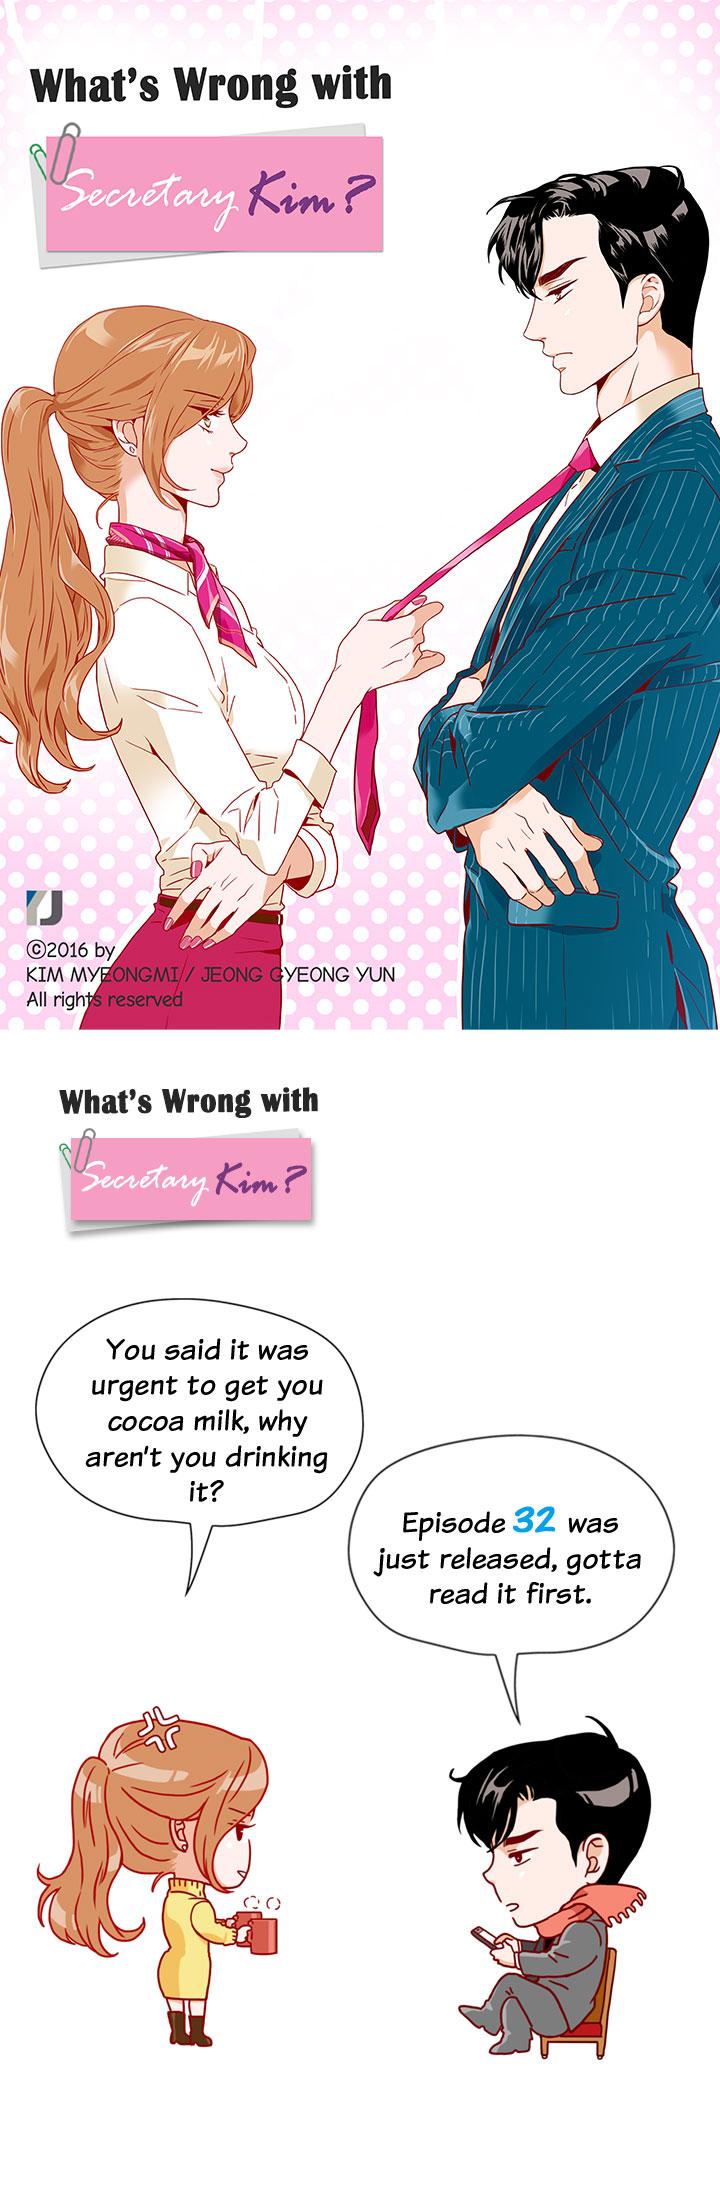 https://manga.mangadogs.com/comics/pic2/15/25807/960689/46936add066bd6422b3ac74a0ccb7174.jpg Page 1